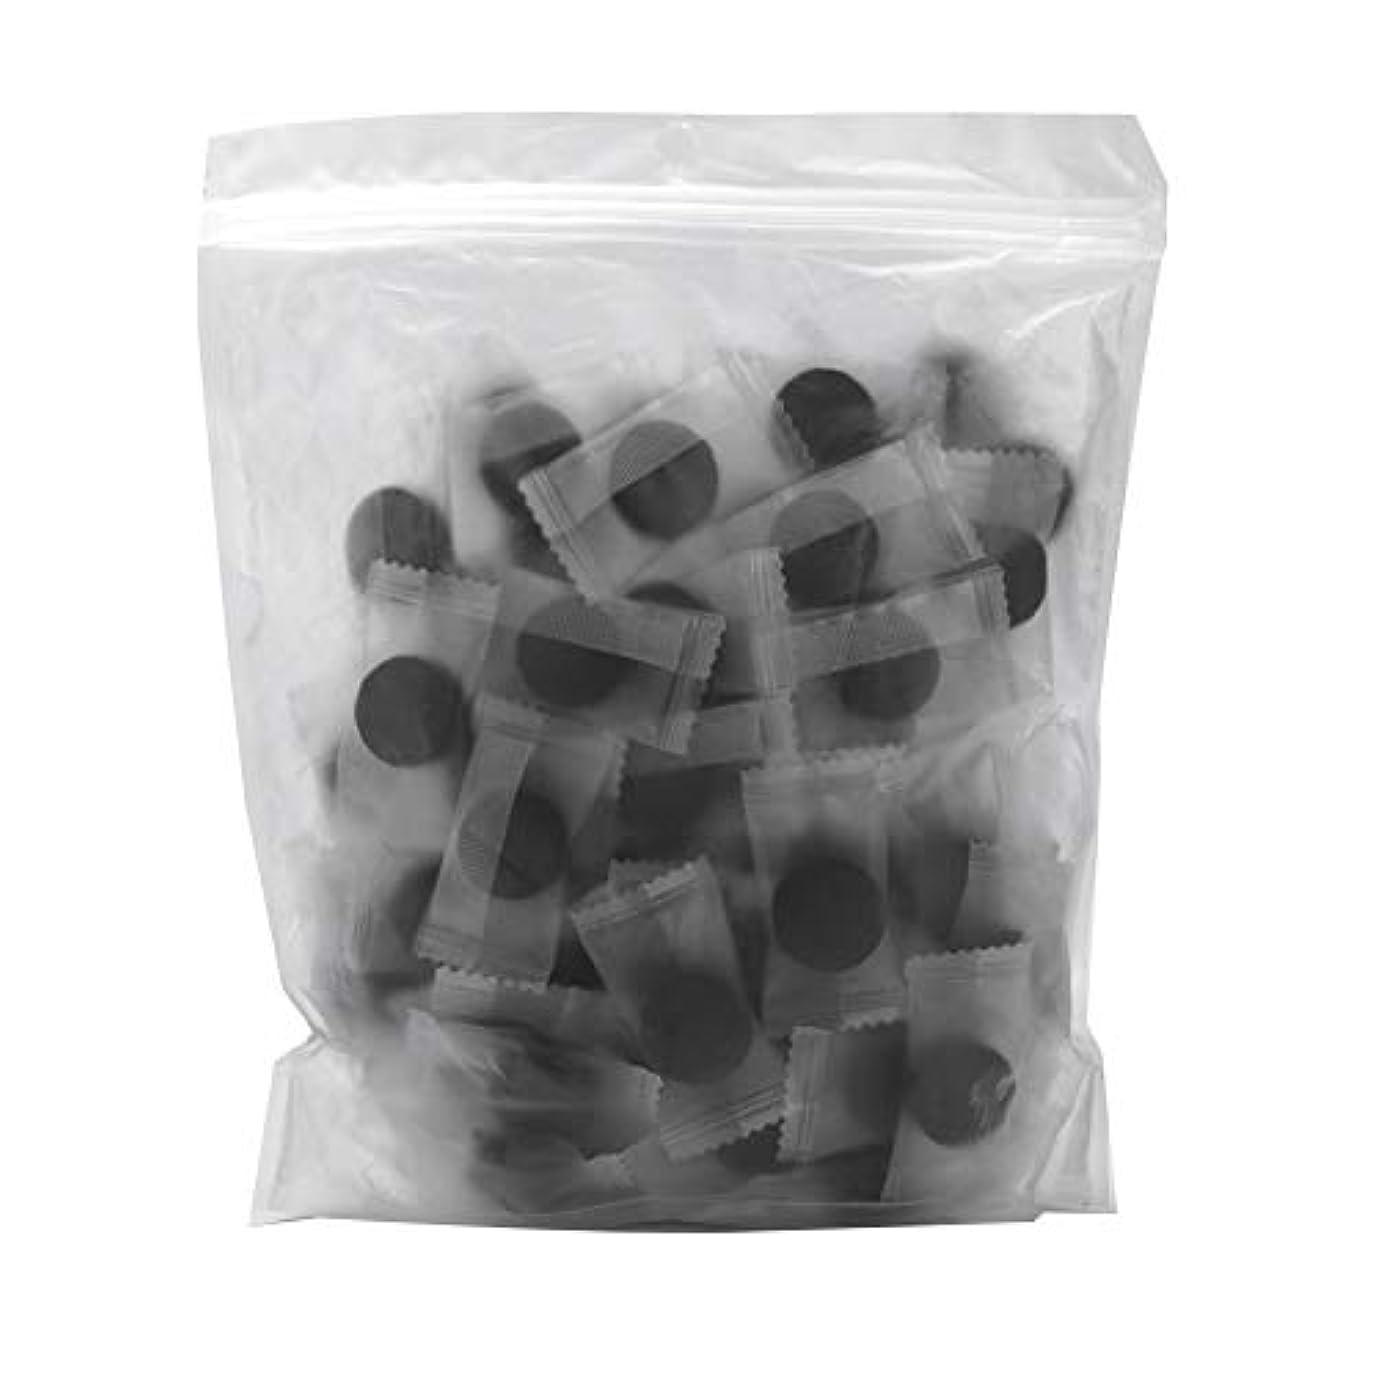 有毒な恨みウィザード竹炭繊維 100ピース 圧縮フェースマスク 紙DIY スキンケア diy フェイシャルマスク